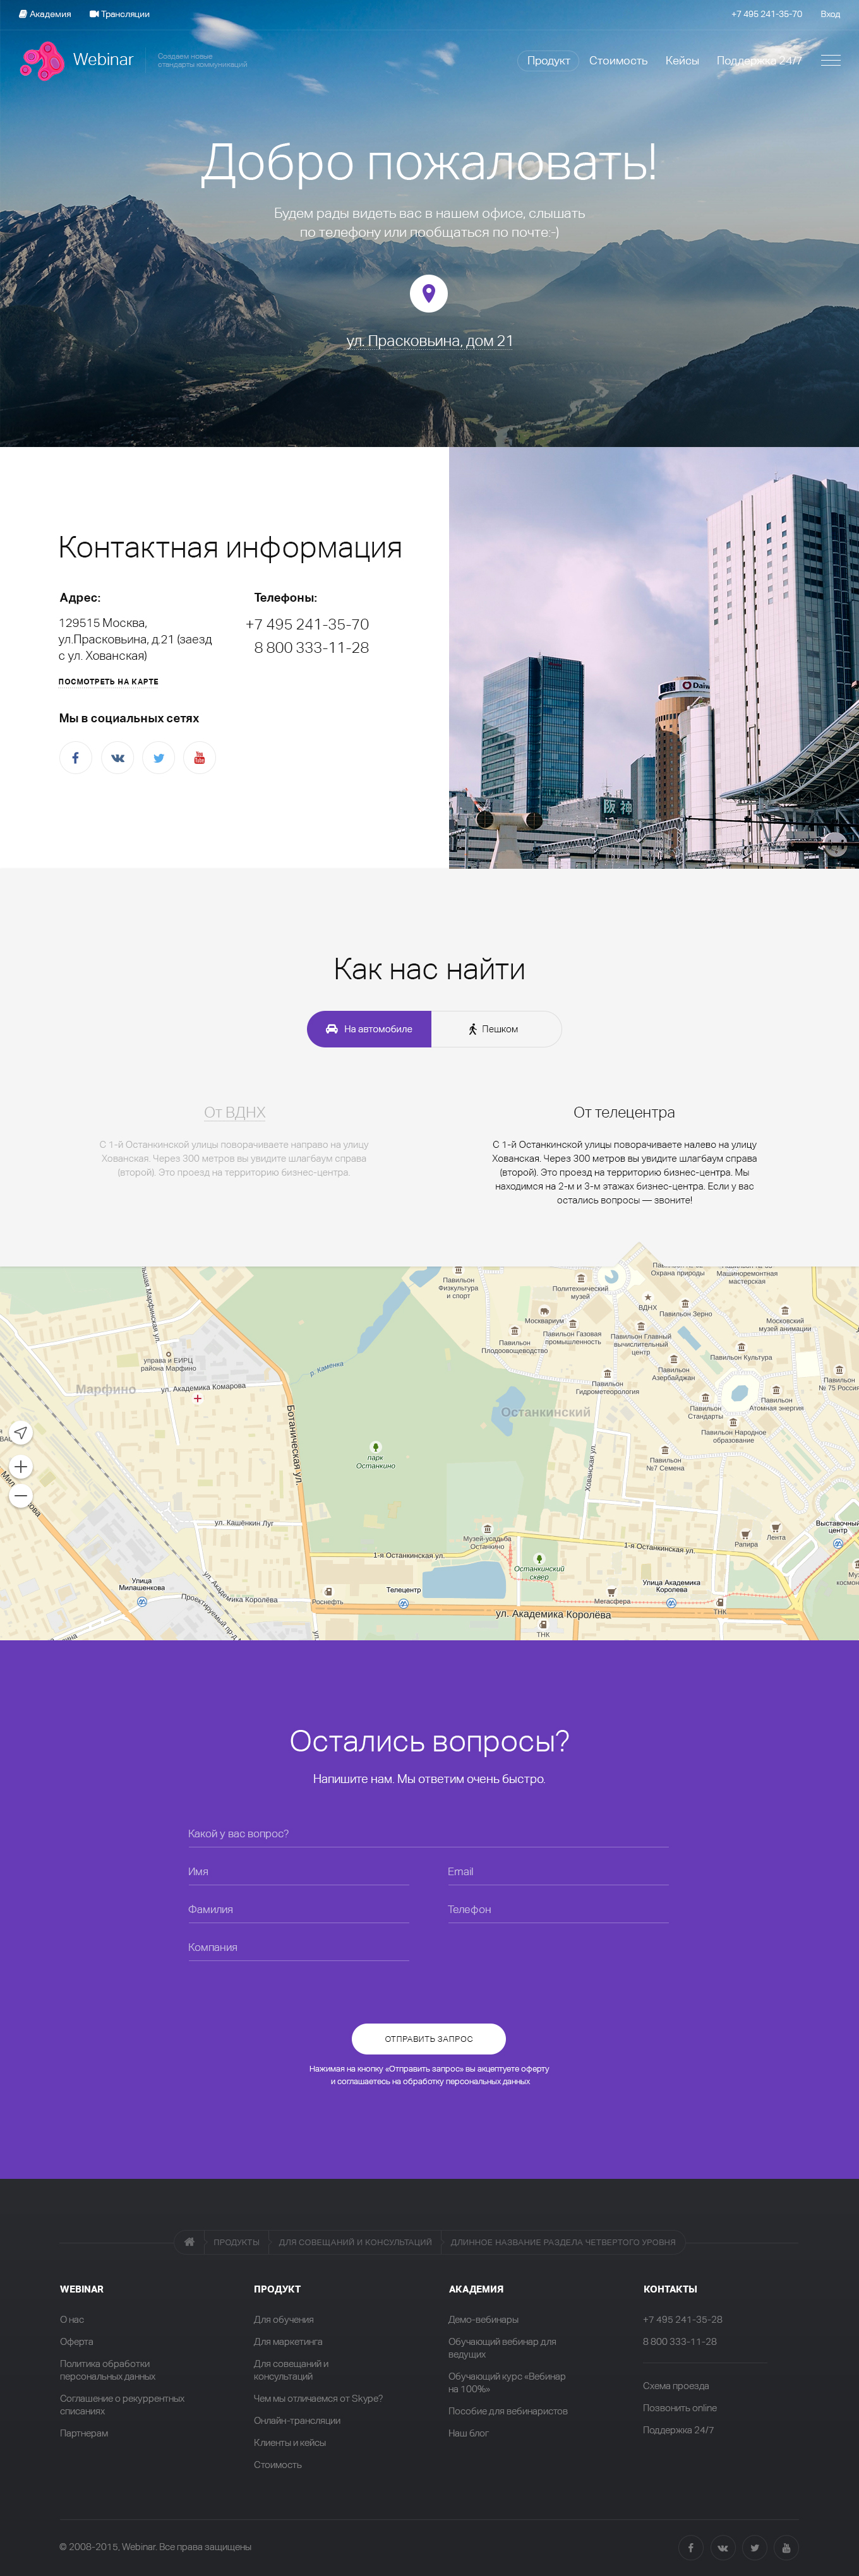 webinar_contacts